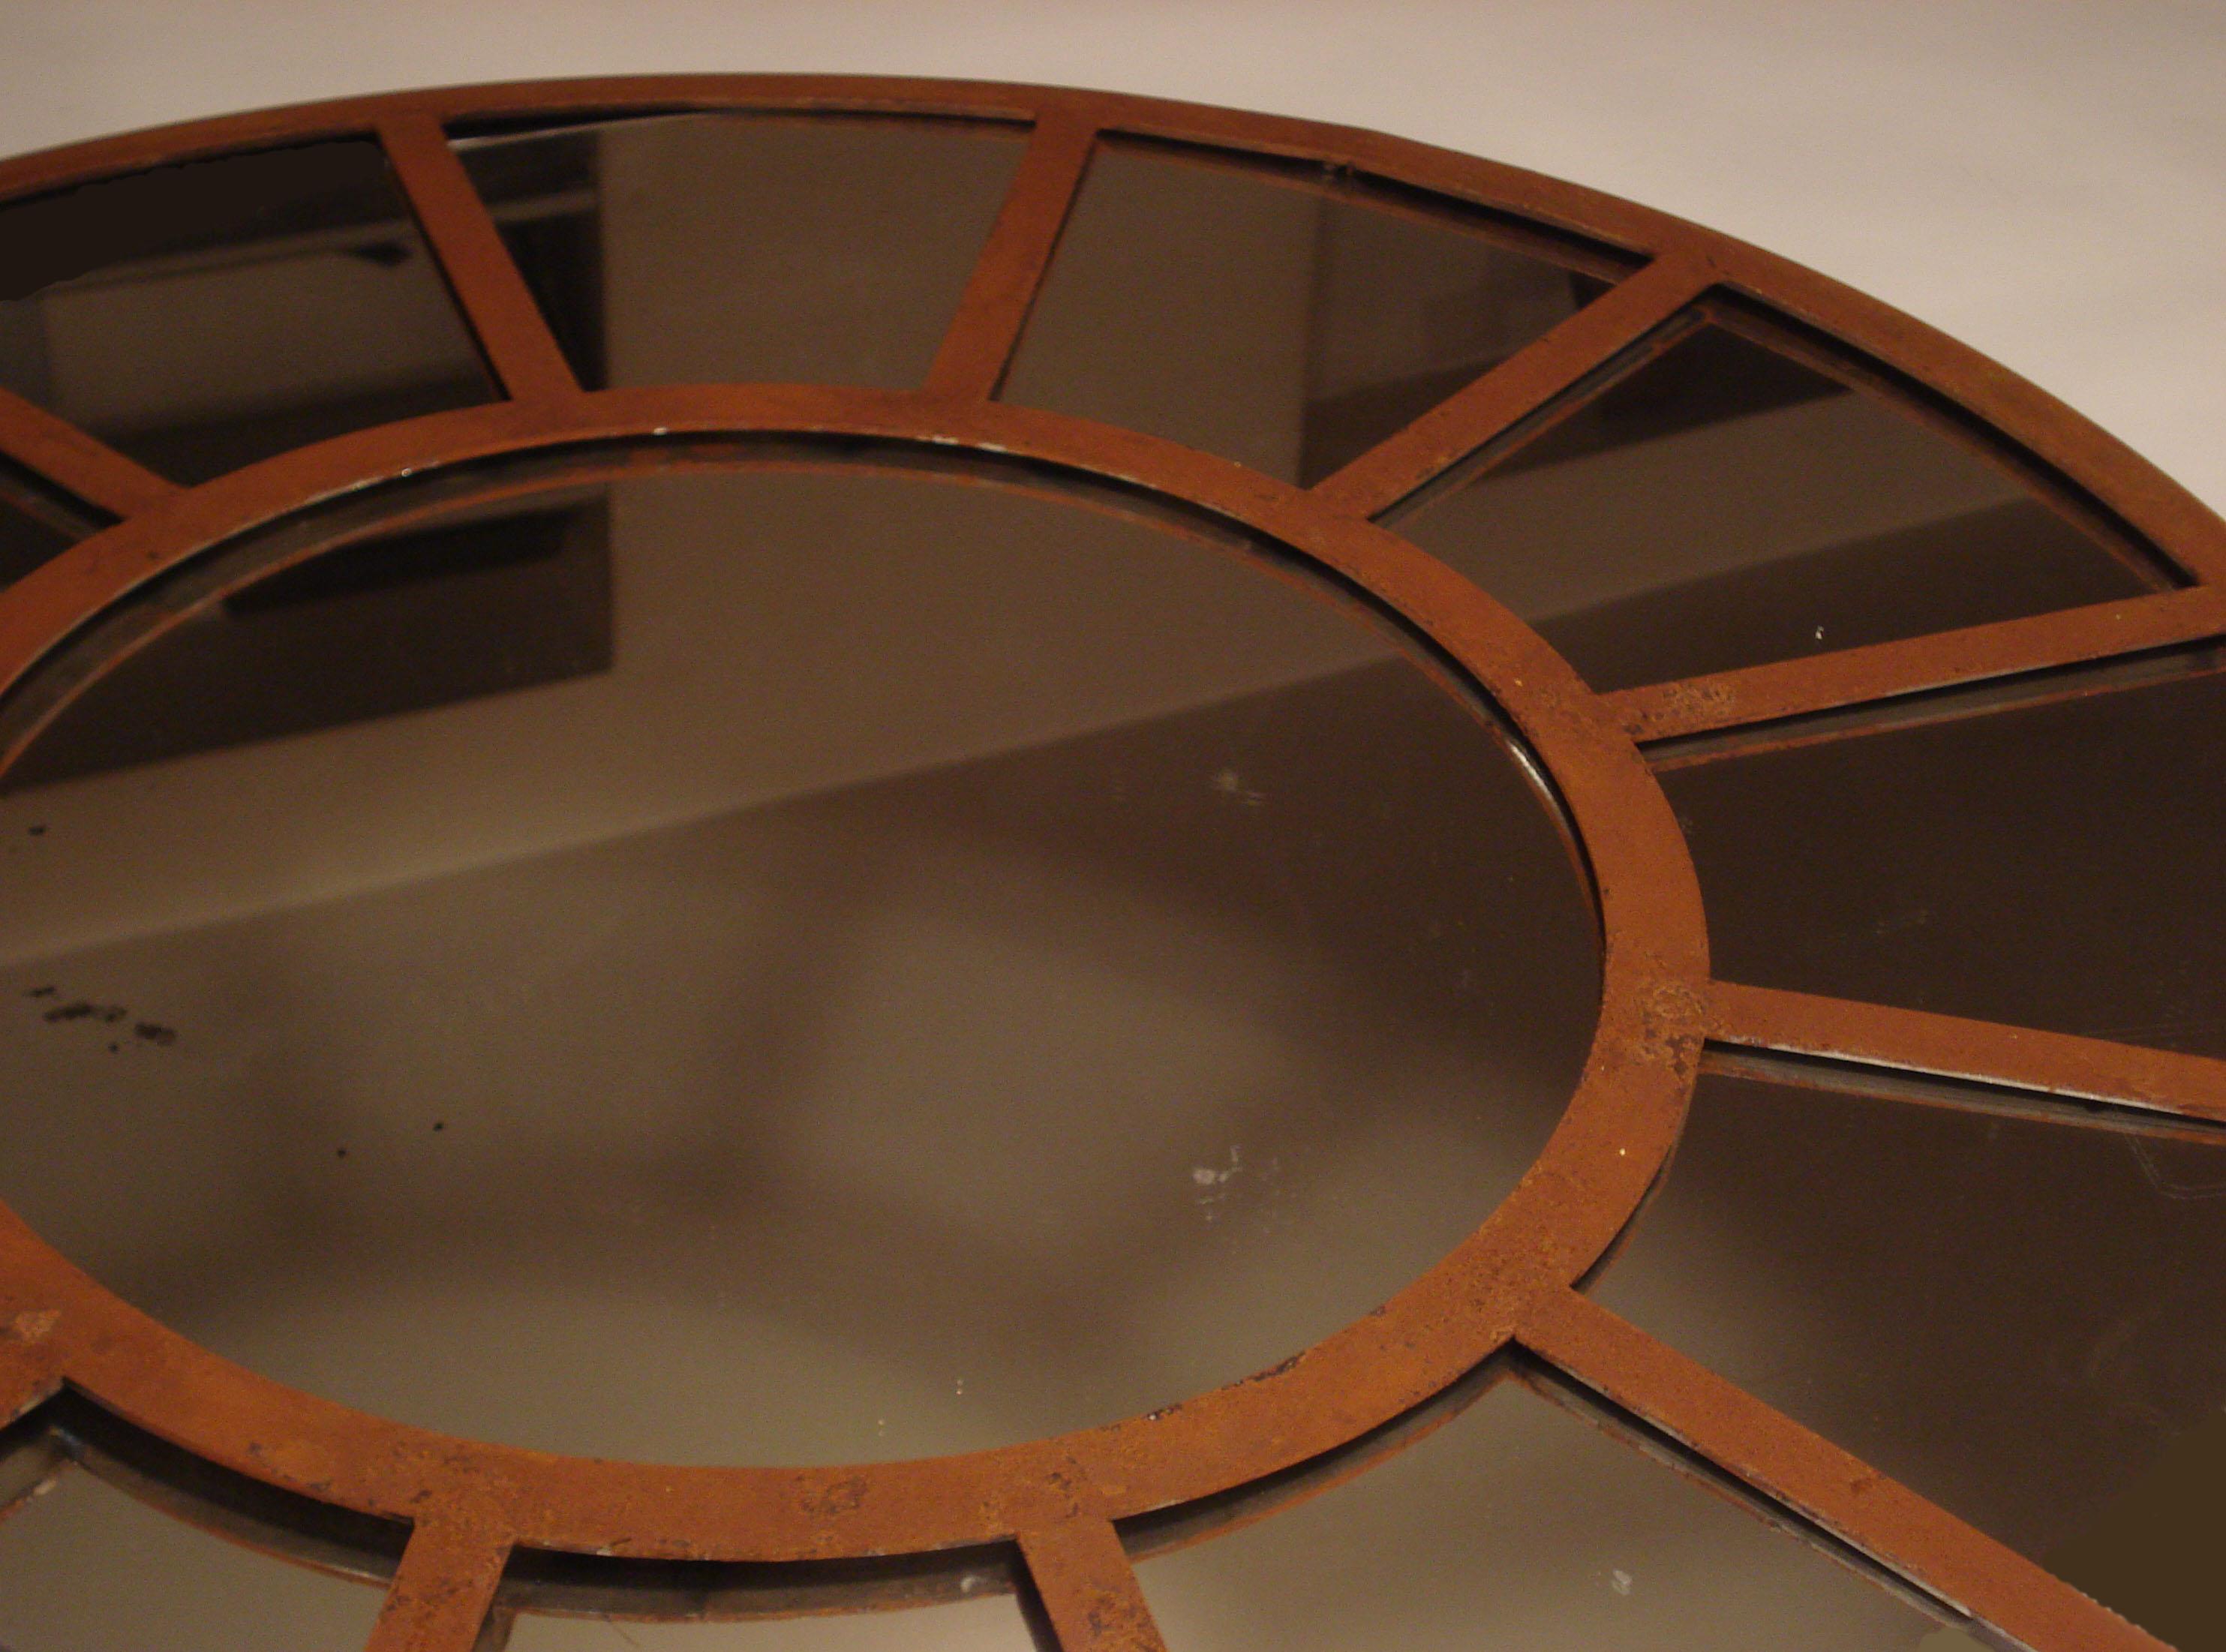 Les projets des objets que je souhaite fabriquer for Miroir oeil de boeuf